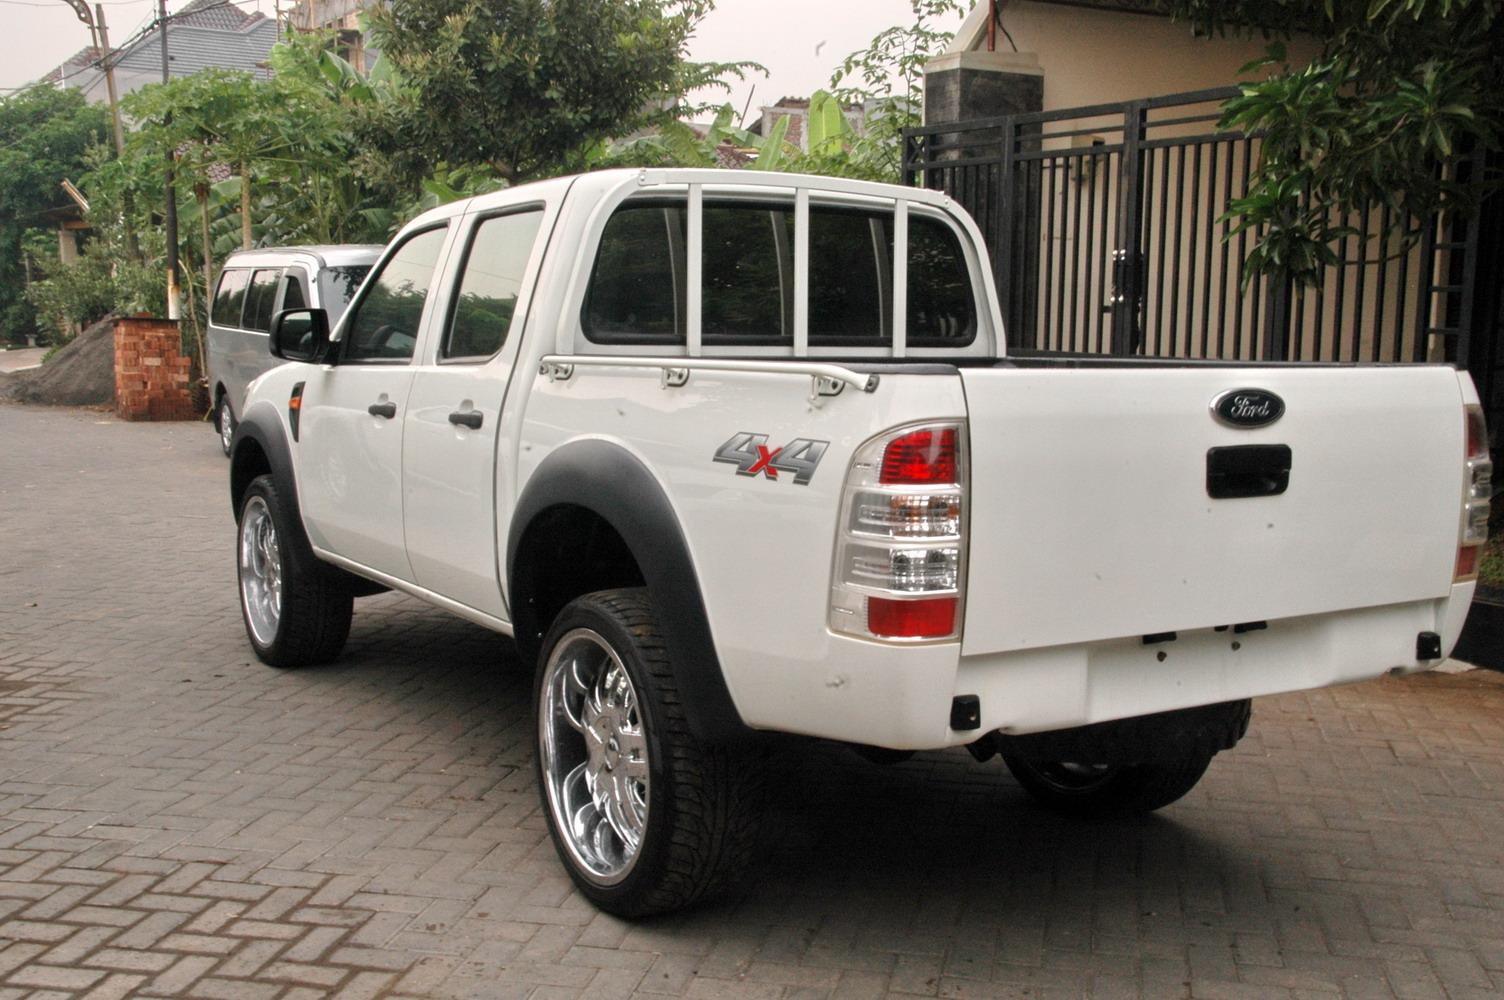 automoda: ford ranger 2009 base doublecabin